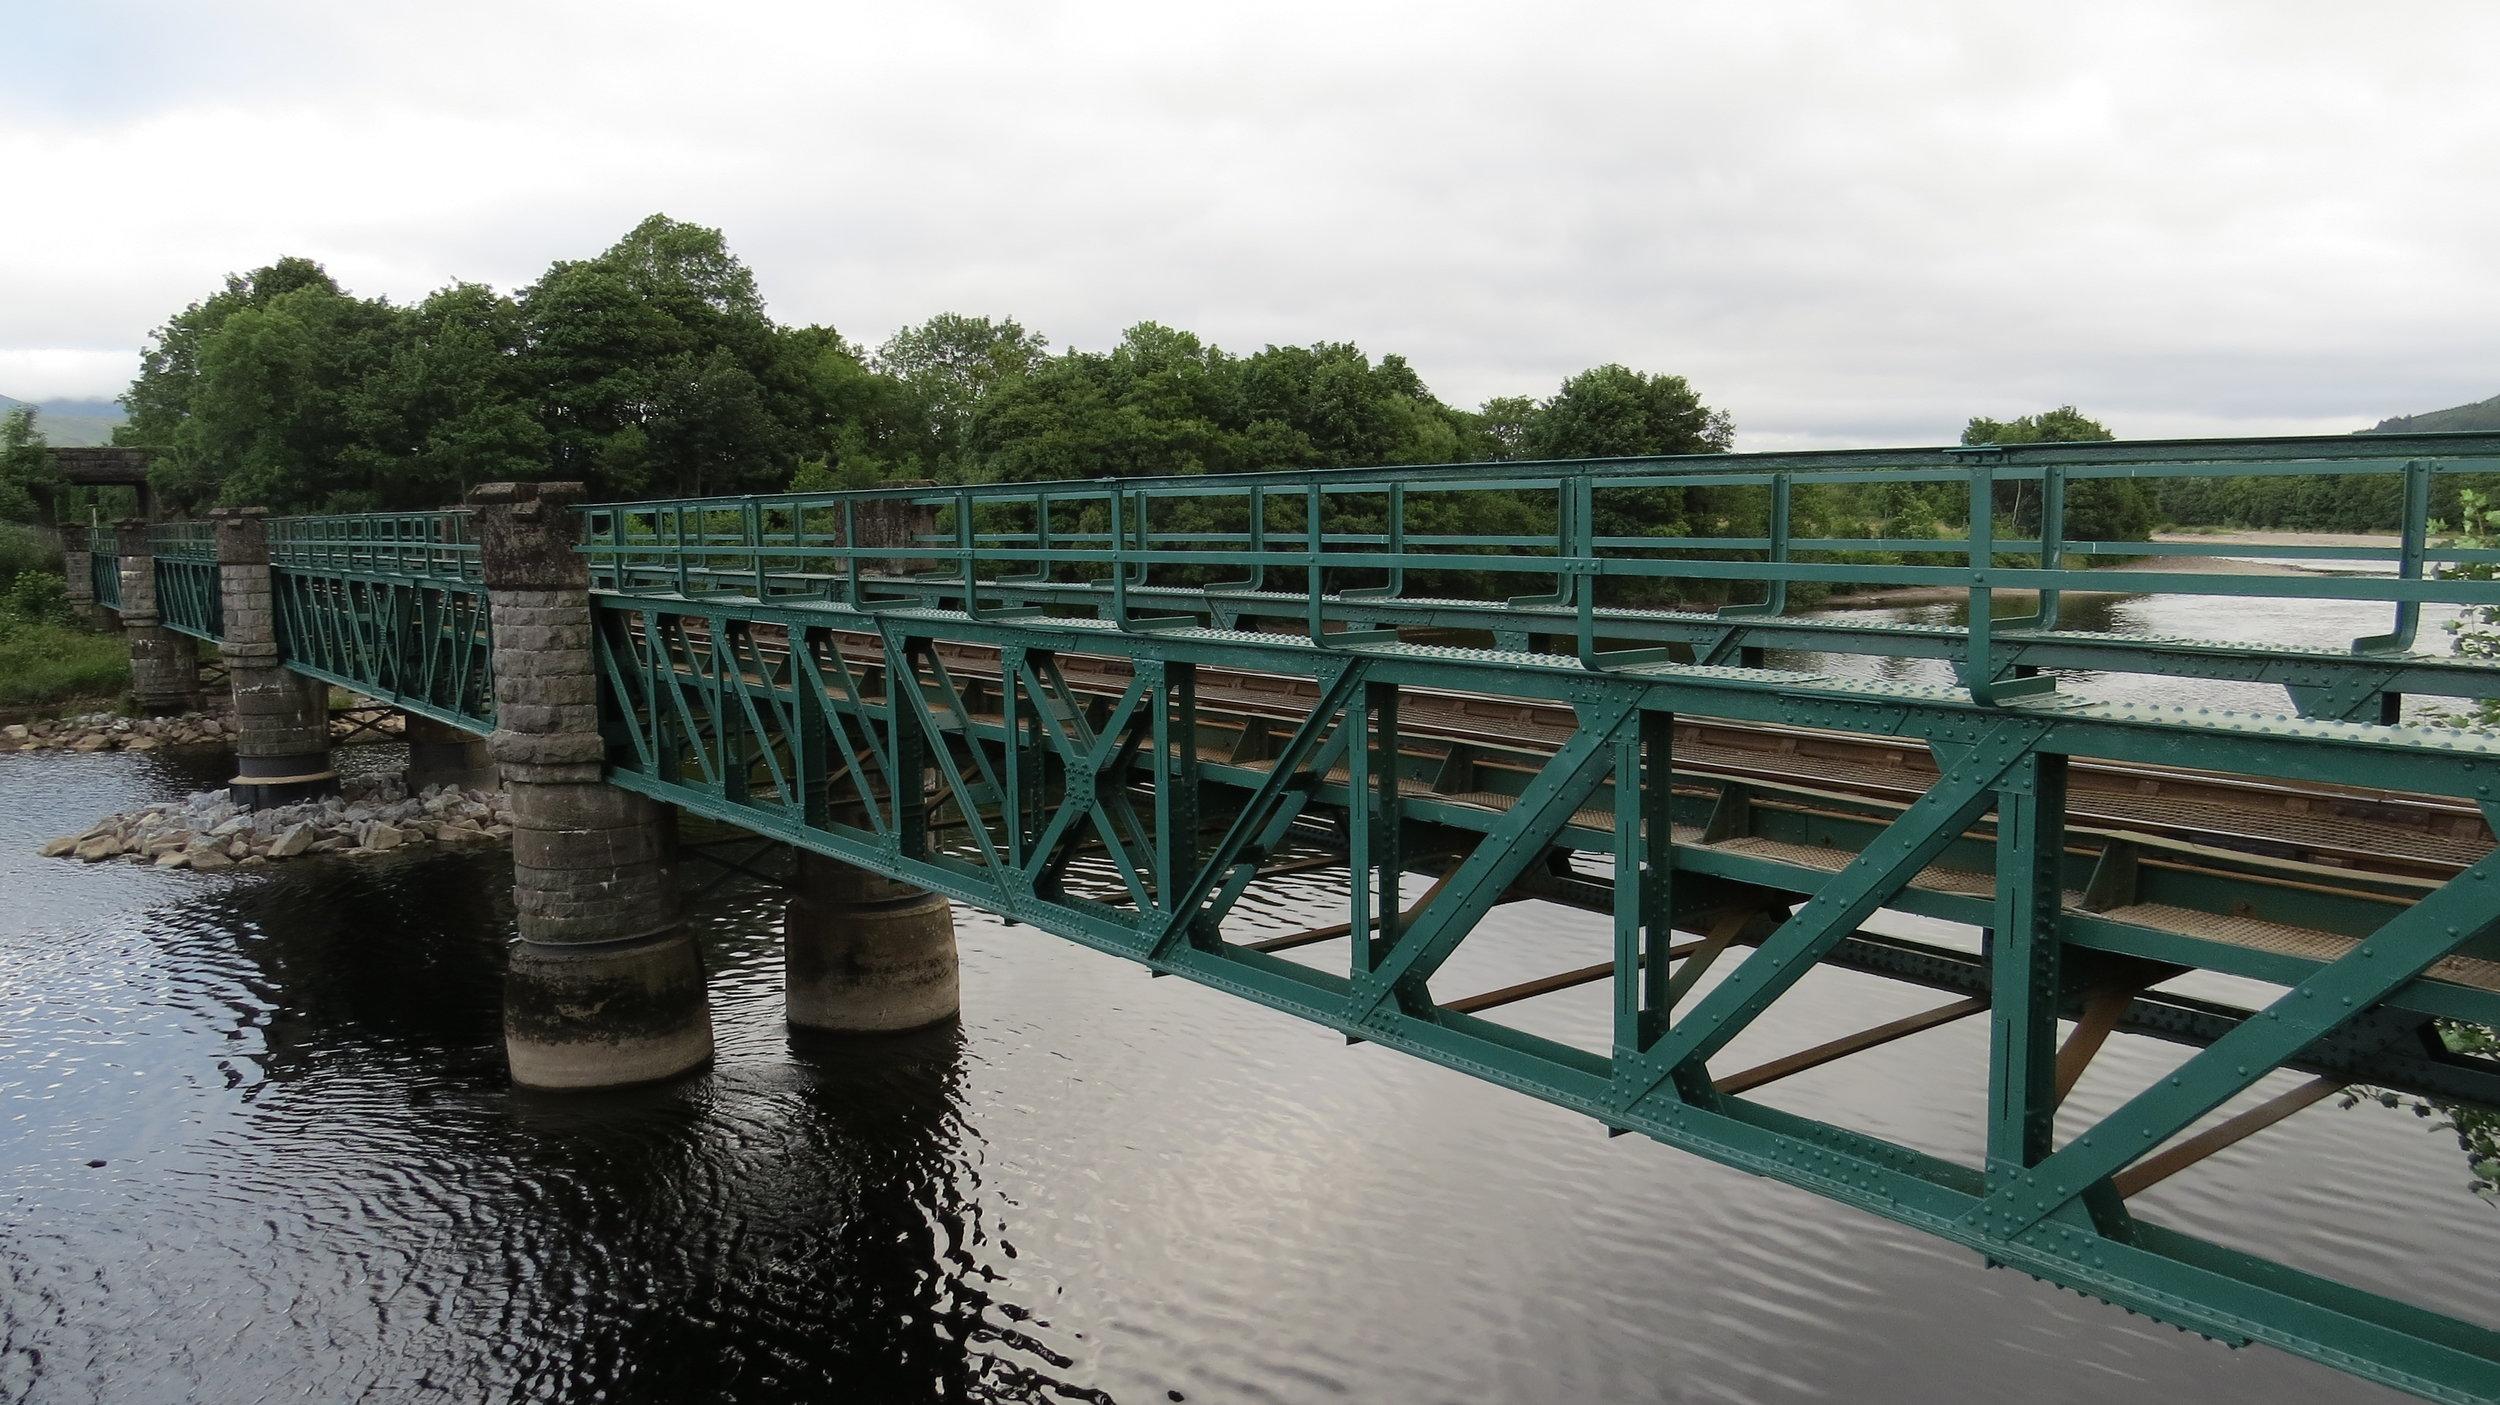 Lochyside Rail Bridge